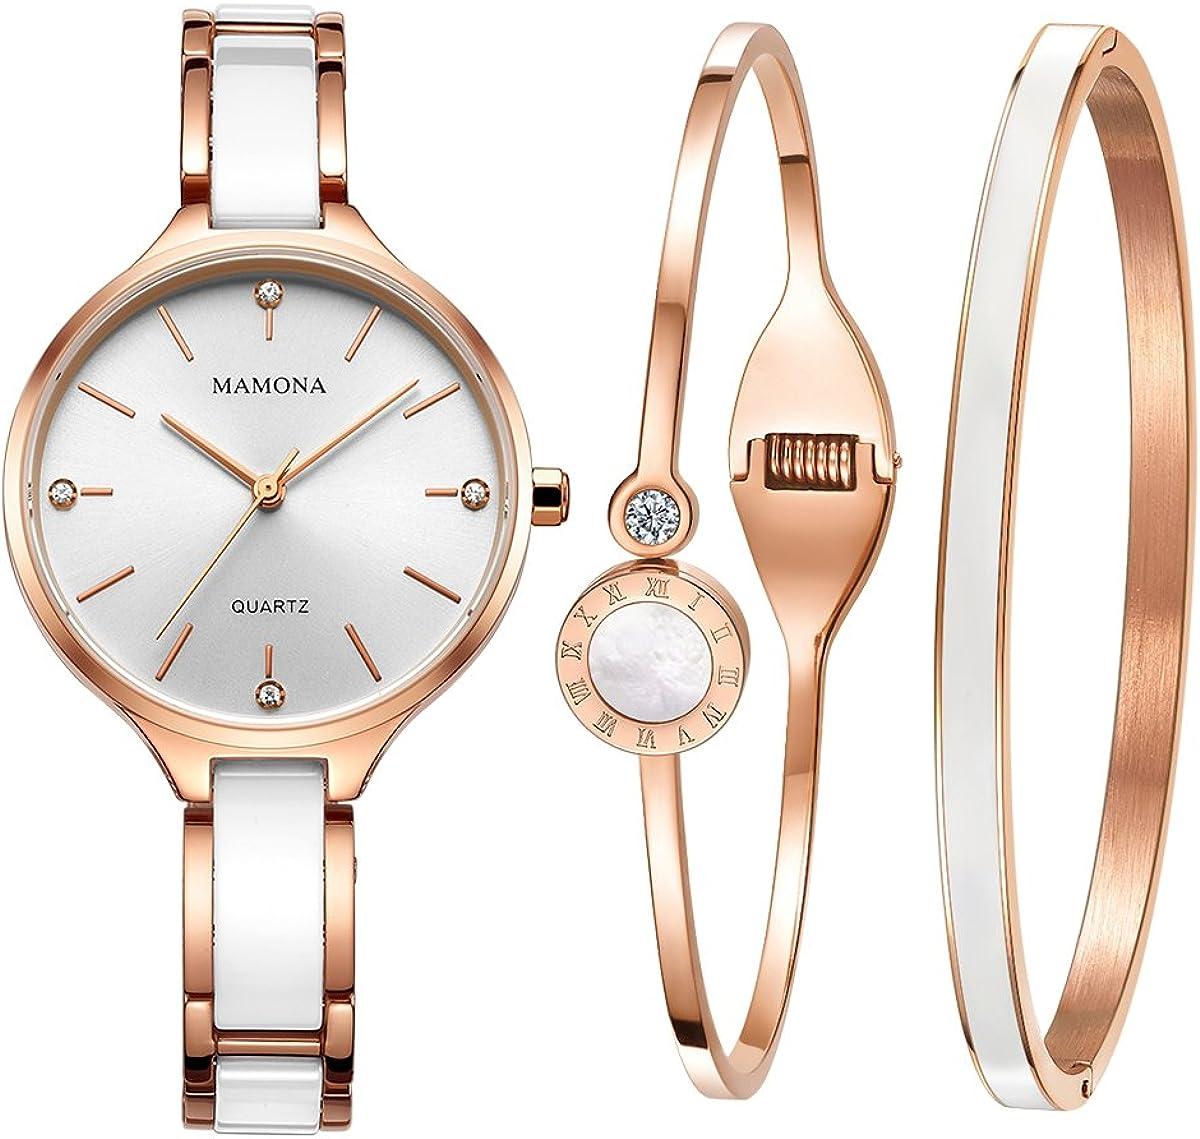 Set-MAMONA Reloj De Pulsera Quartz Para Mujeres, Set Cerámica Rosa Dorada Y Reloj De Acero Inoxidable 3877LRGT: Amazon.es: Relojes